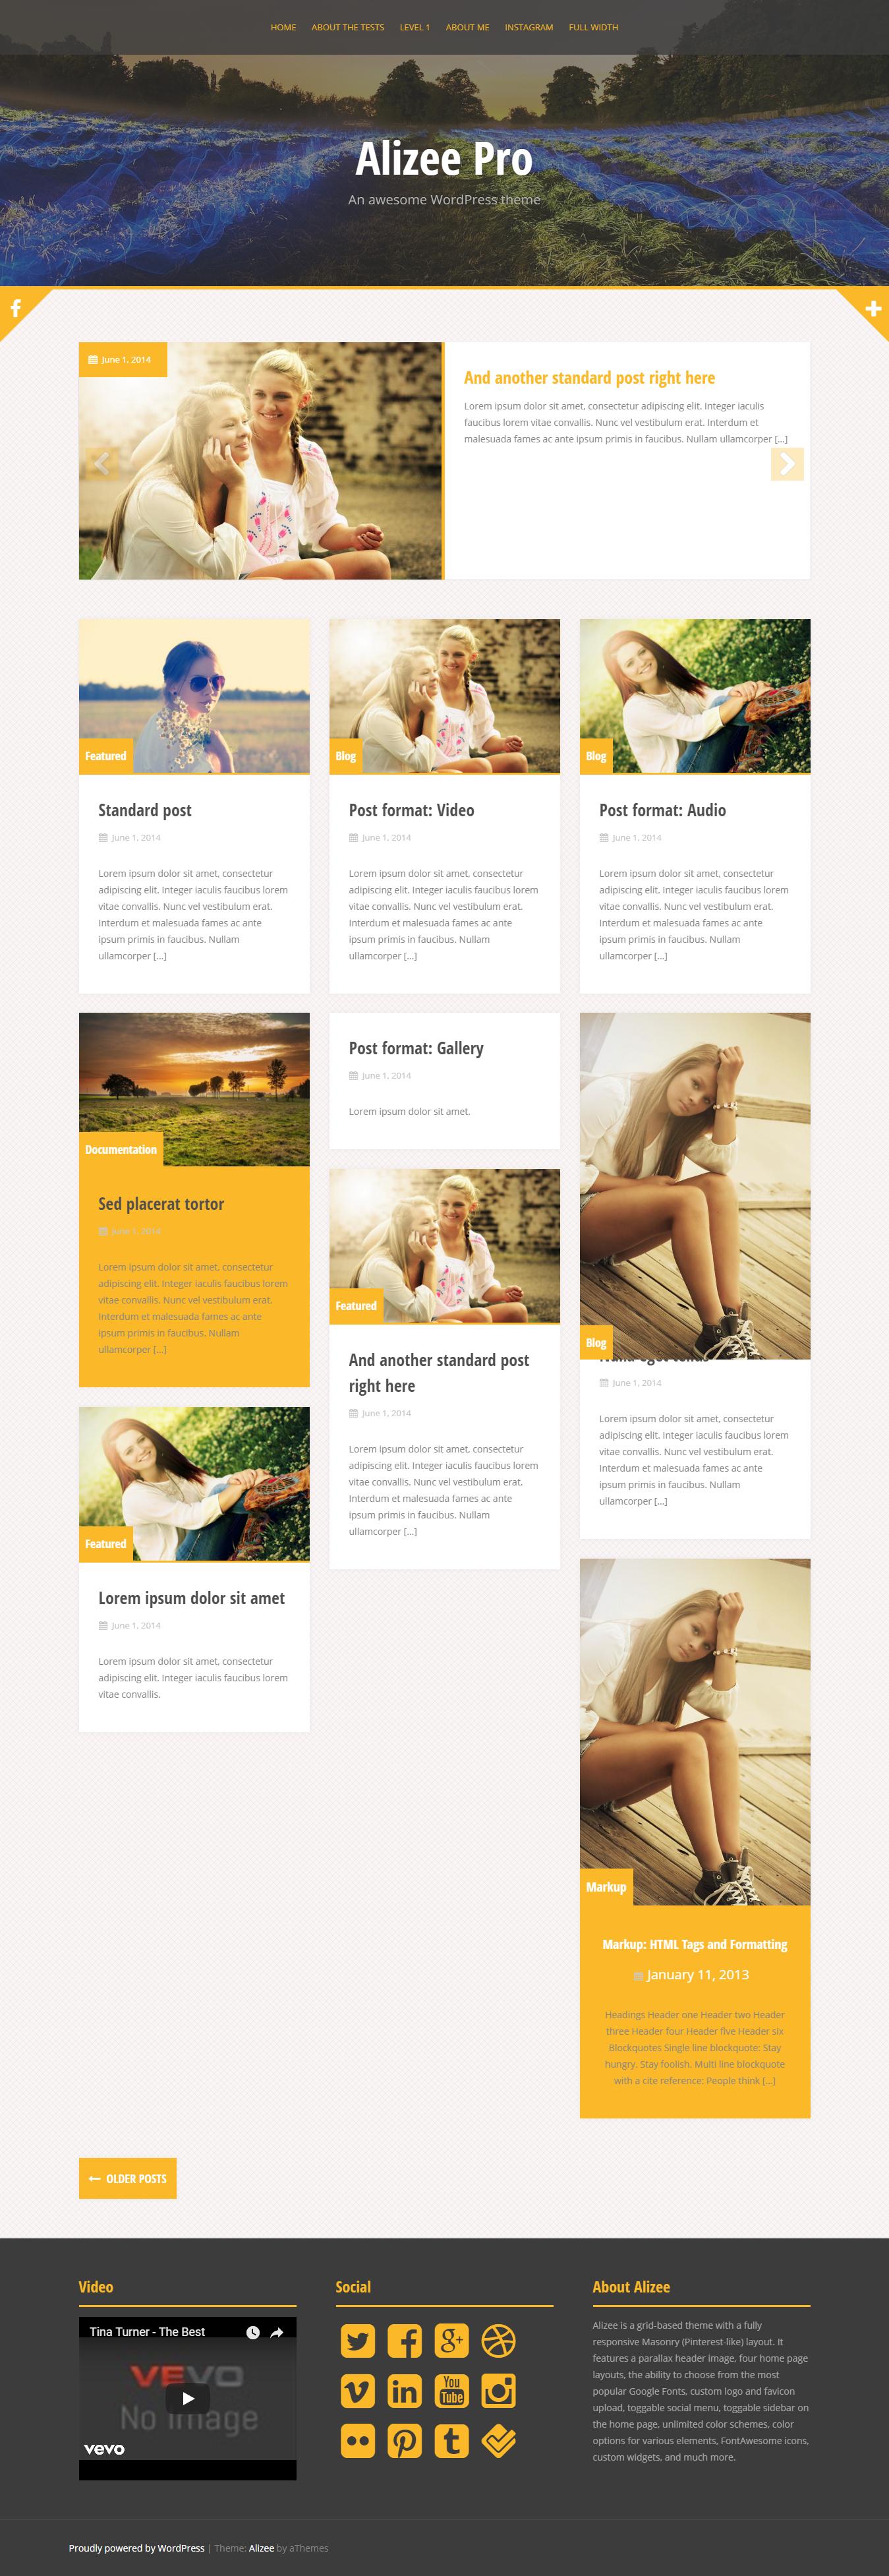 Alizee Pro - Best Premium Responsive WordPress Themes